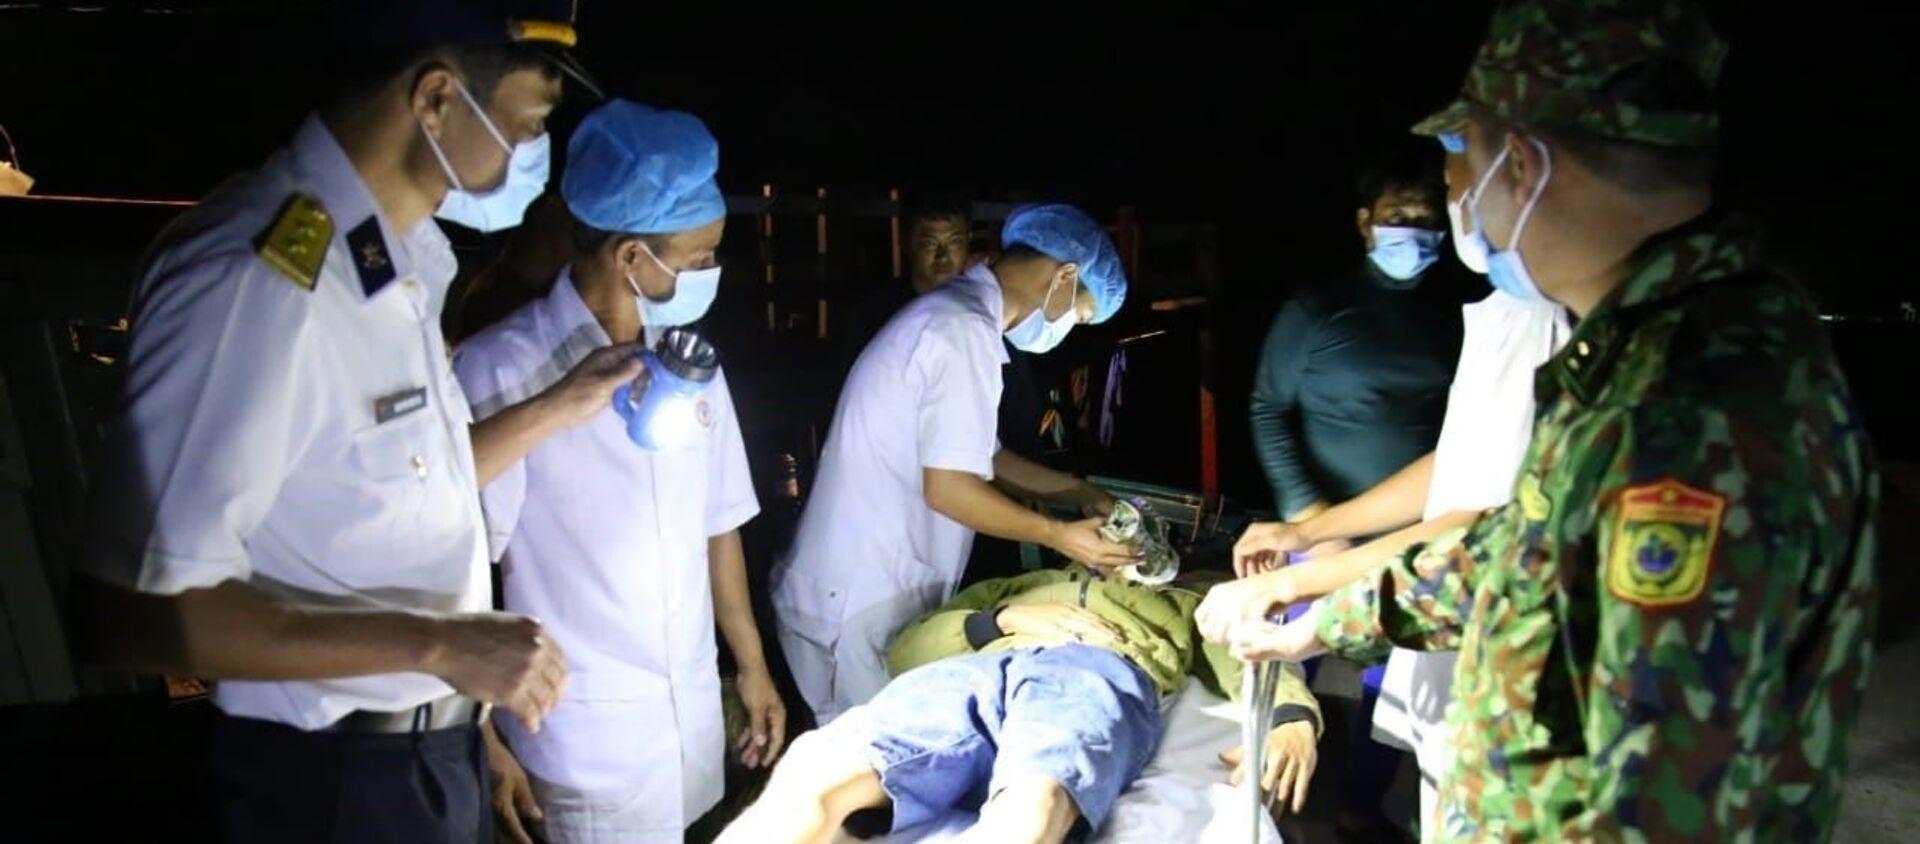 Biển đảo Việt Nam: Trung tâm Y tế đảo Trường Sa cấp cứu thành công ngư dân bị đột quỵ não - Sputnik Việt Nam, 1920, 26.03.2021